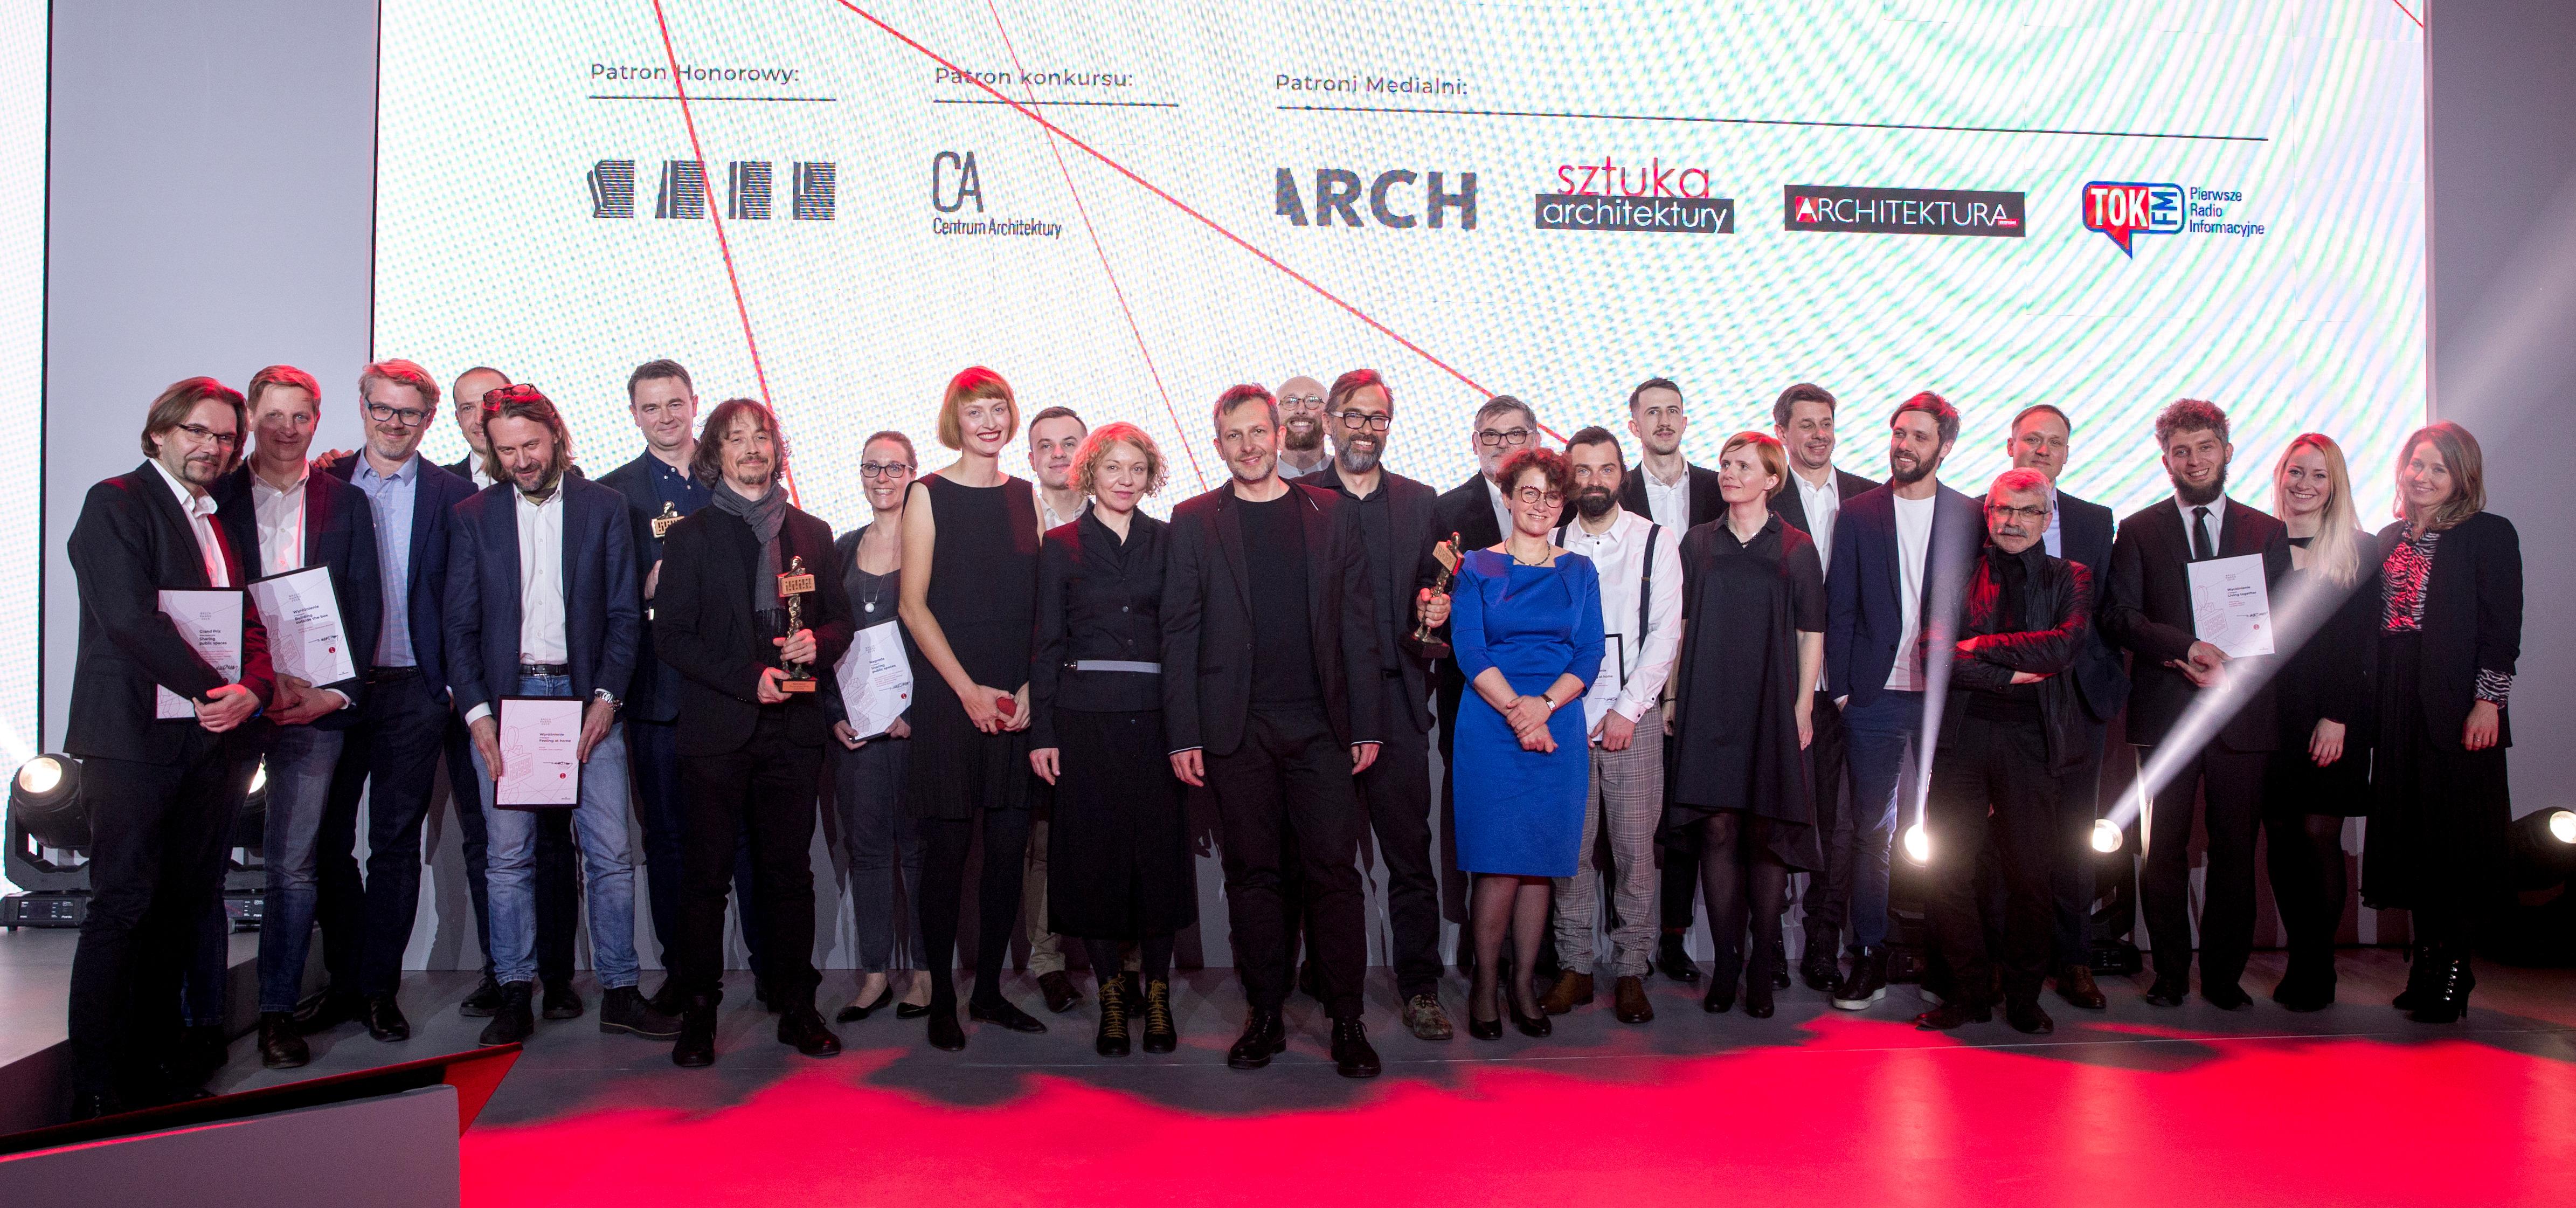 Brick Award 2019 - Galeria zdjęć z wydarzenia